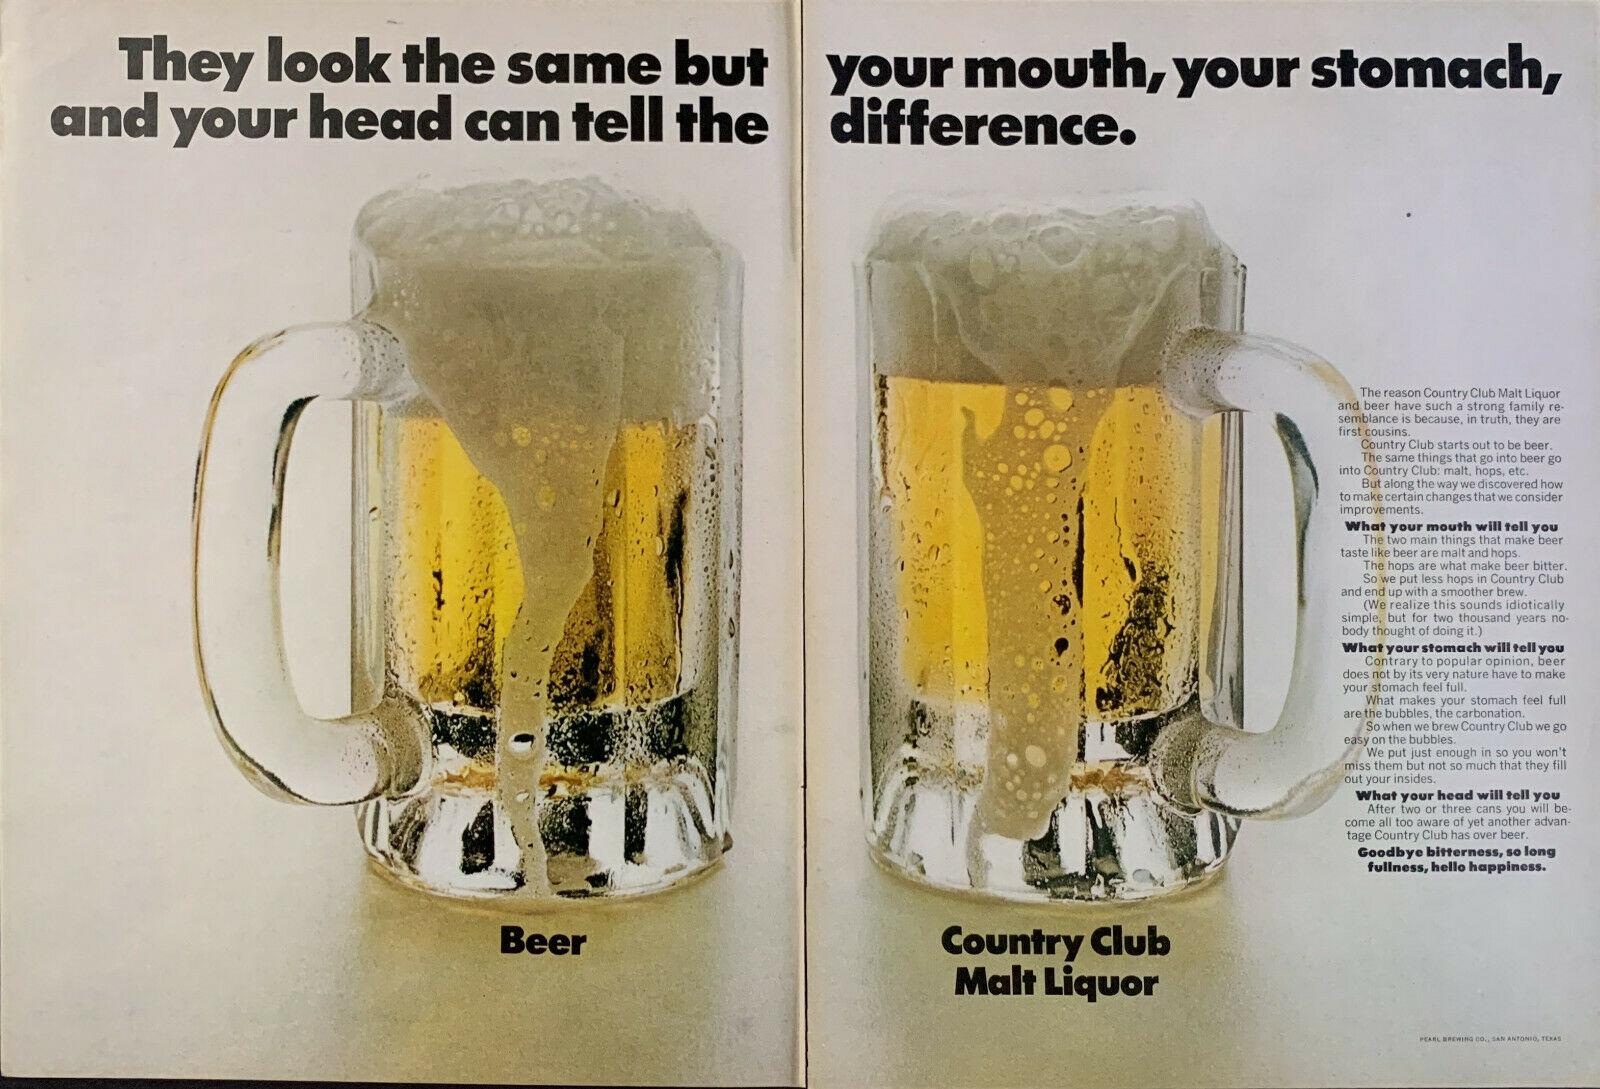 1970 Country Club Malt